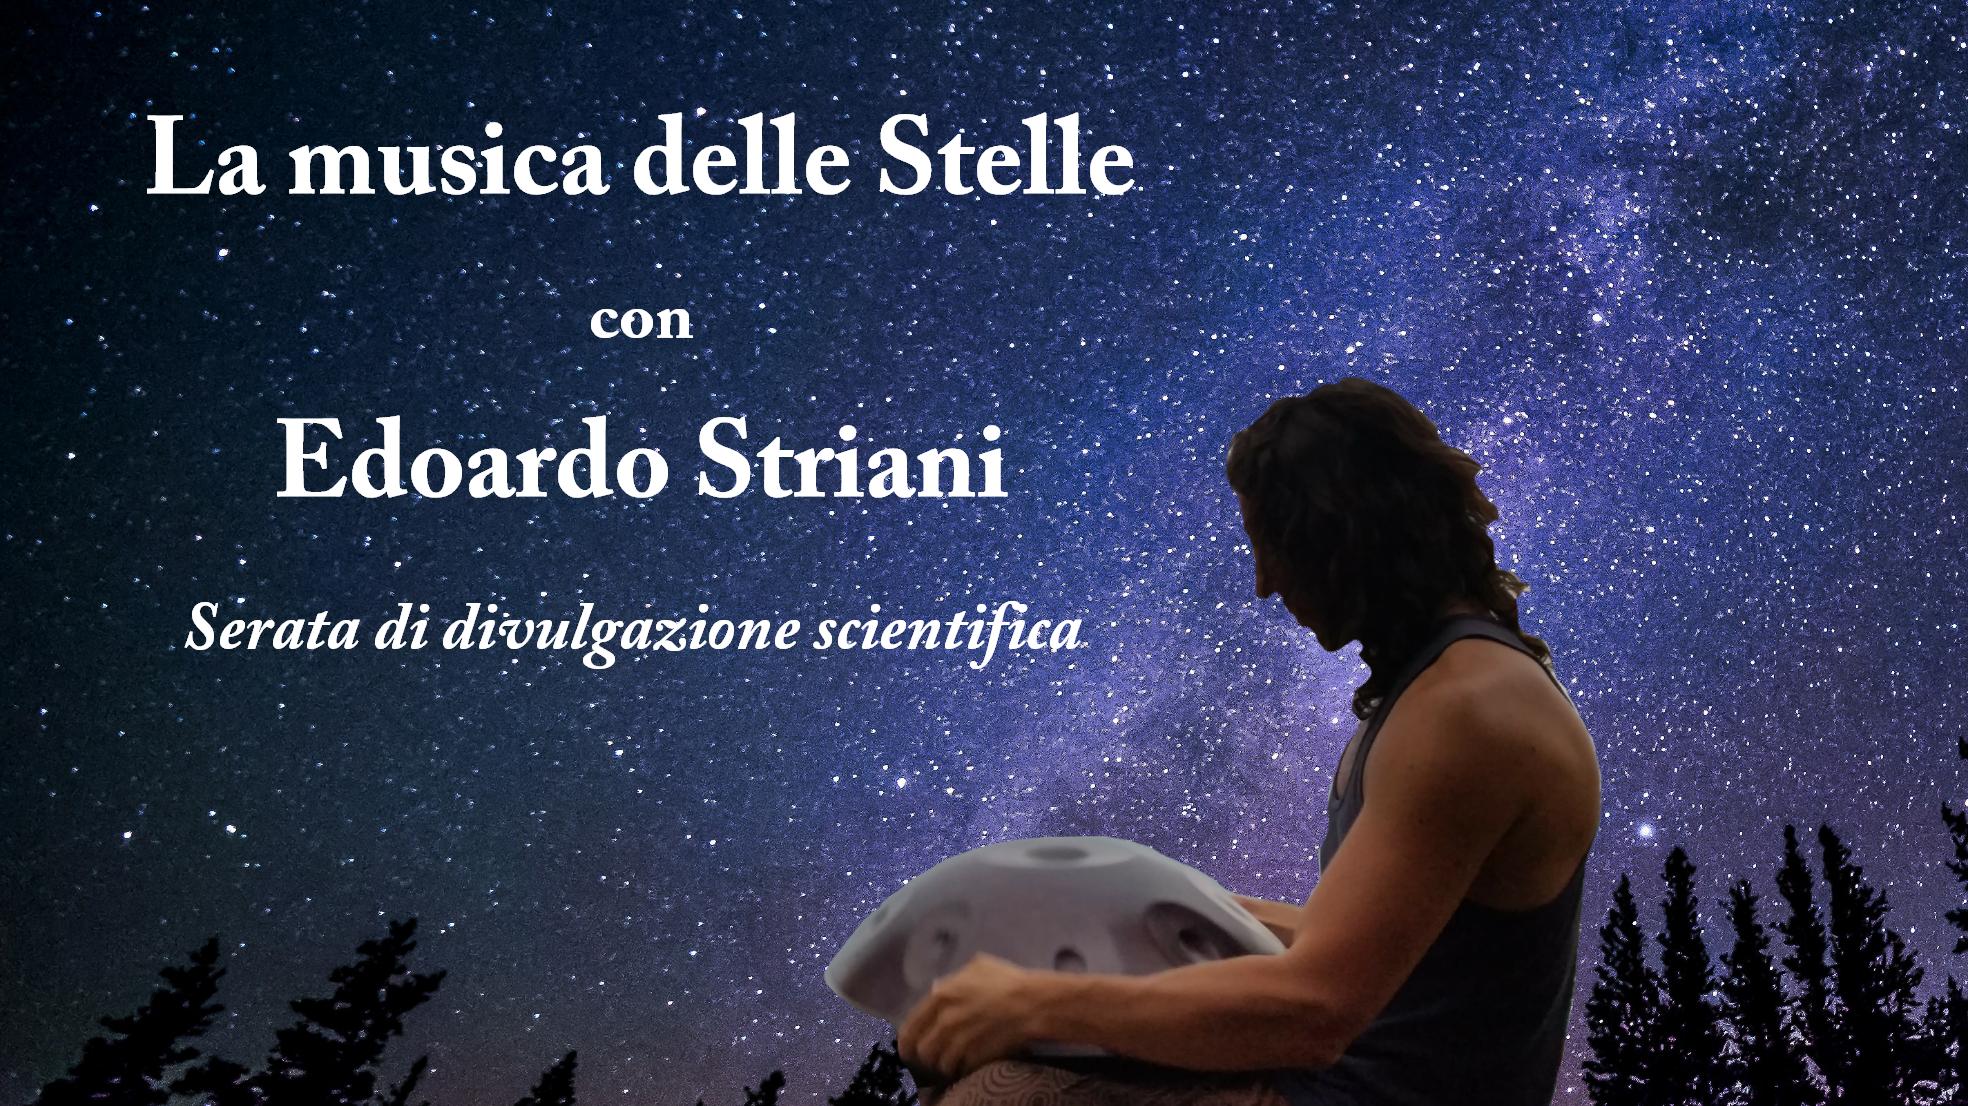 evento la musica delle stelle